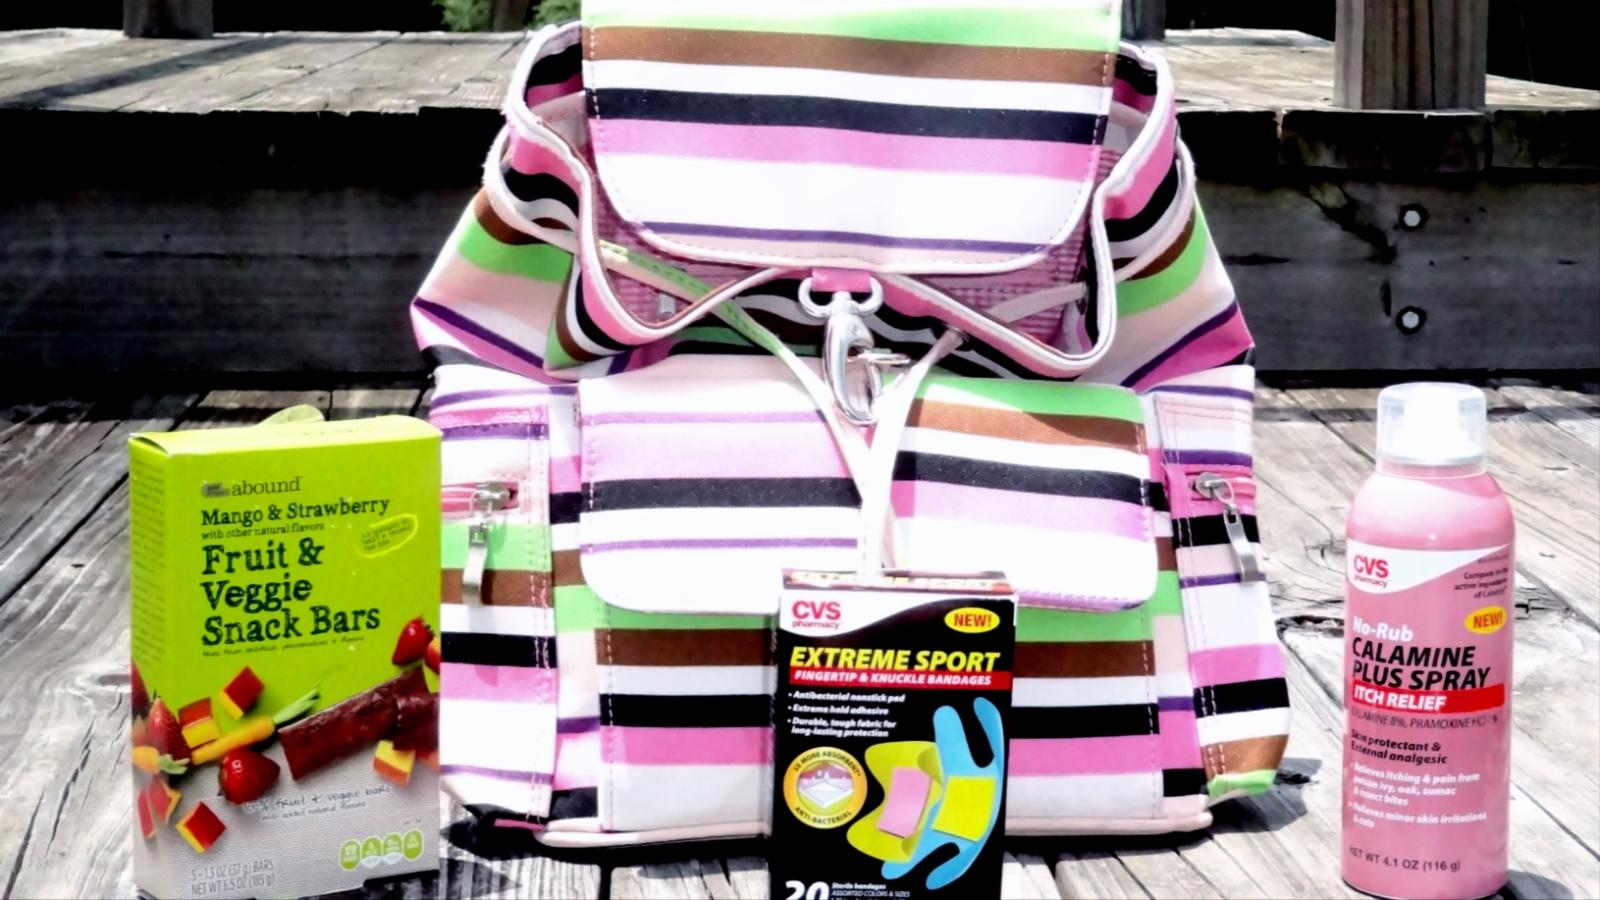 CVS camp supplies